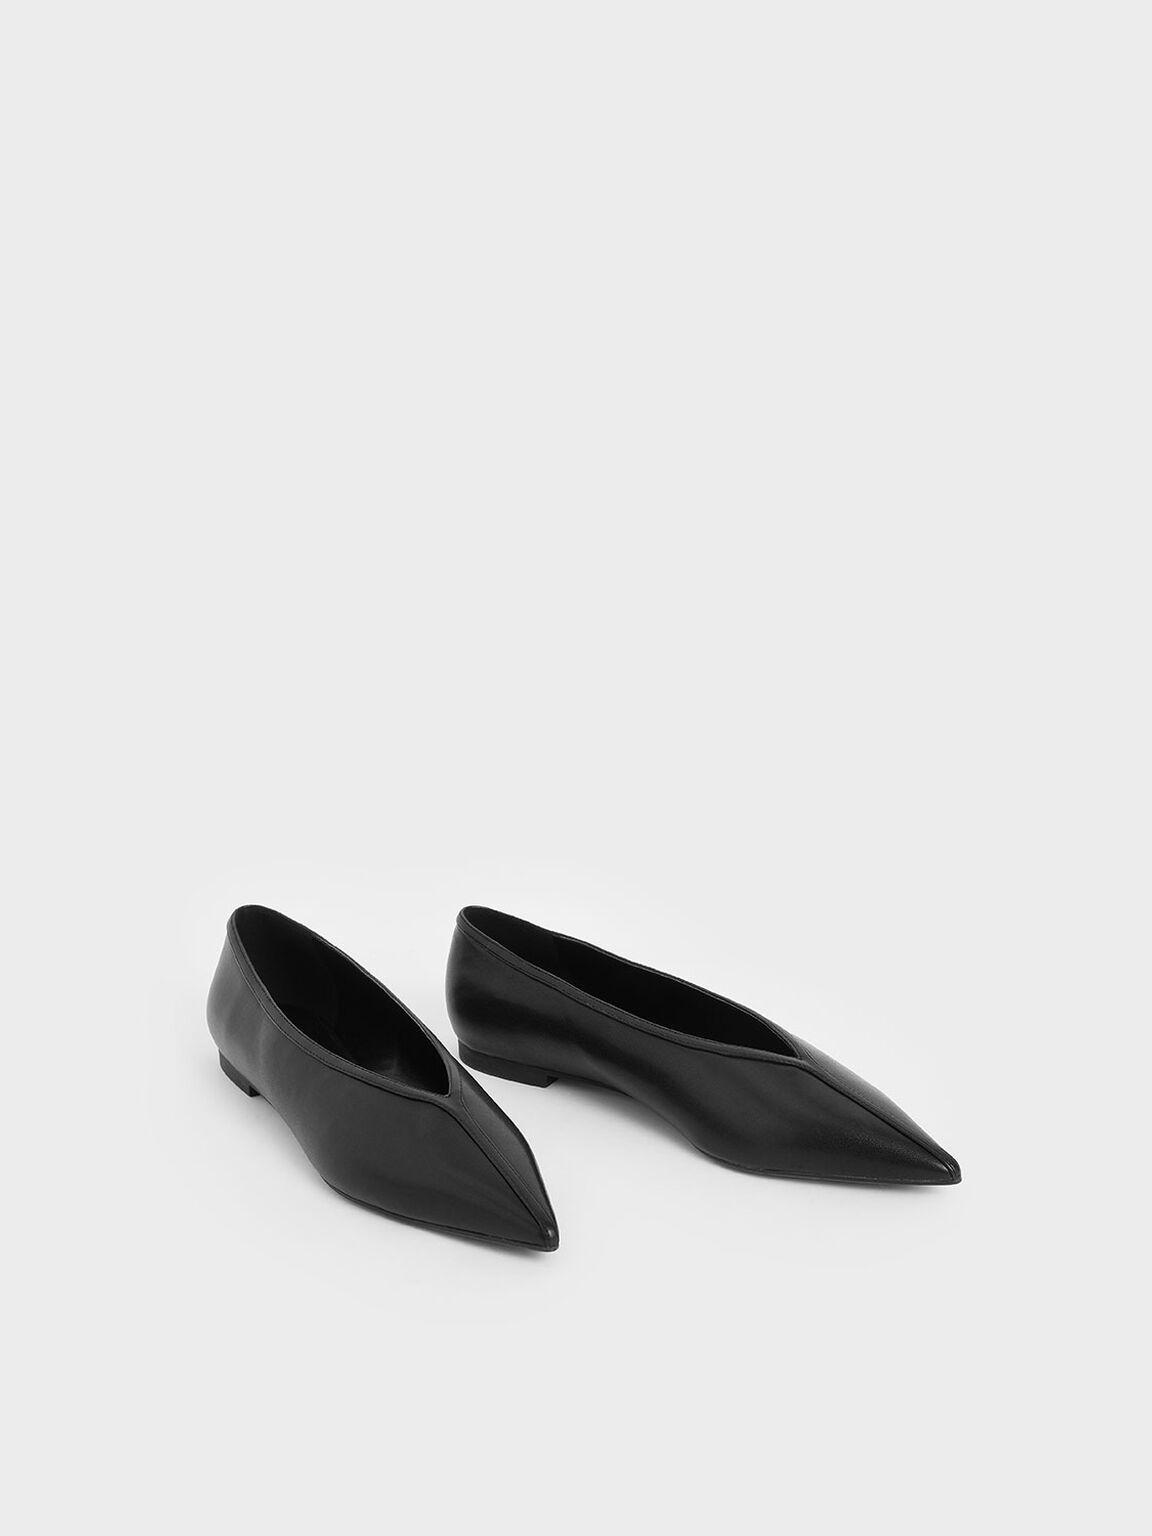 V-Cut Ballerina Flats, Black, hi-res